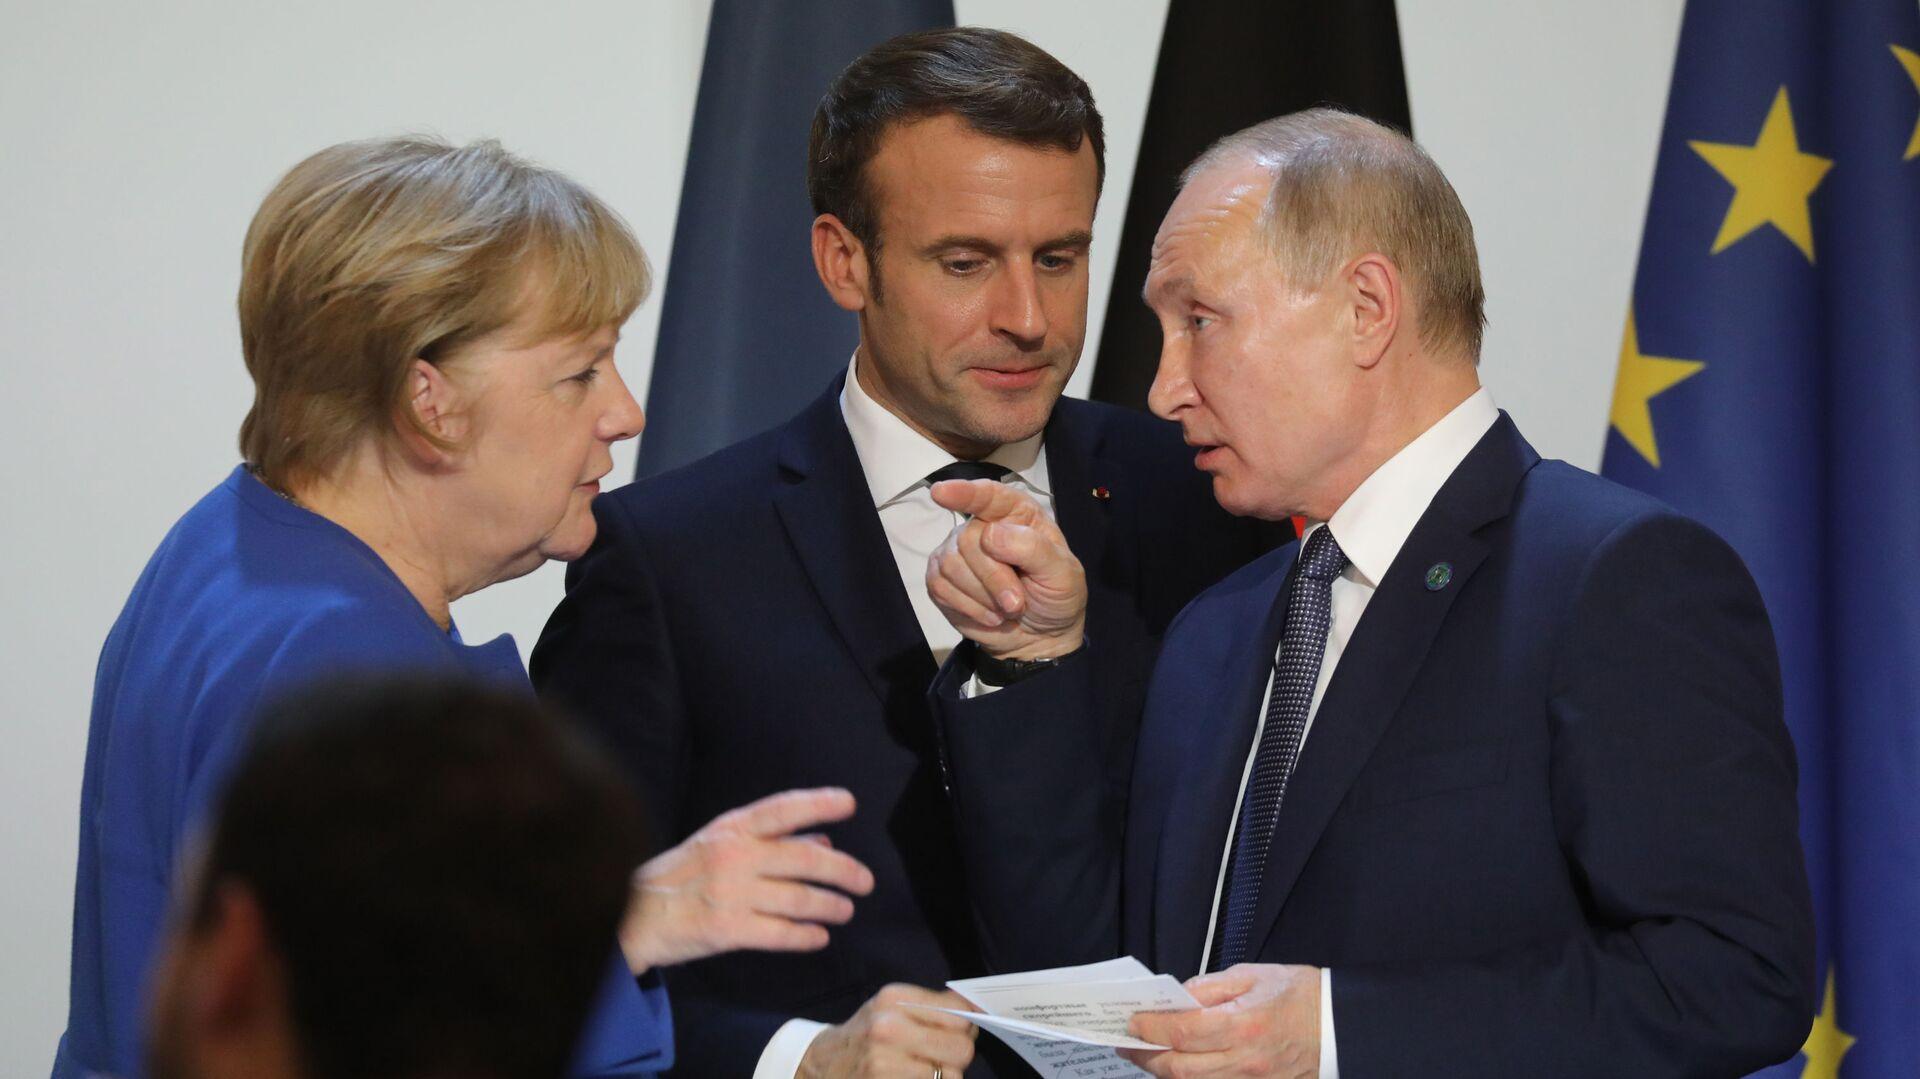 Канцлер Германии Ангела Меркель, президент Франции Эммануэль Макрон и президент России Владимир Путин - Sputnik Грузия, 1920, 12.10.2021